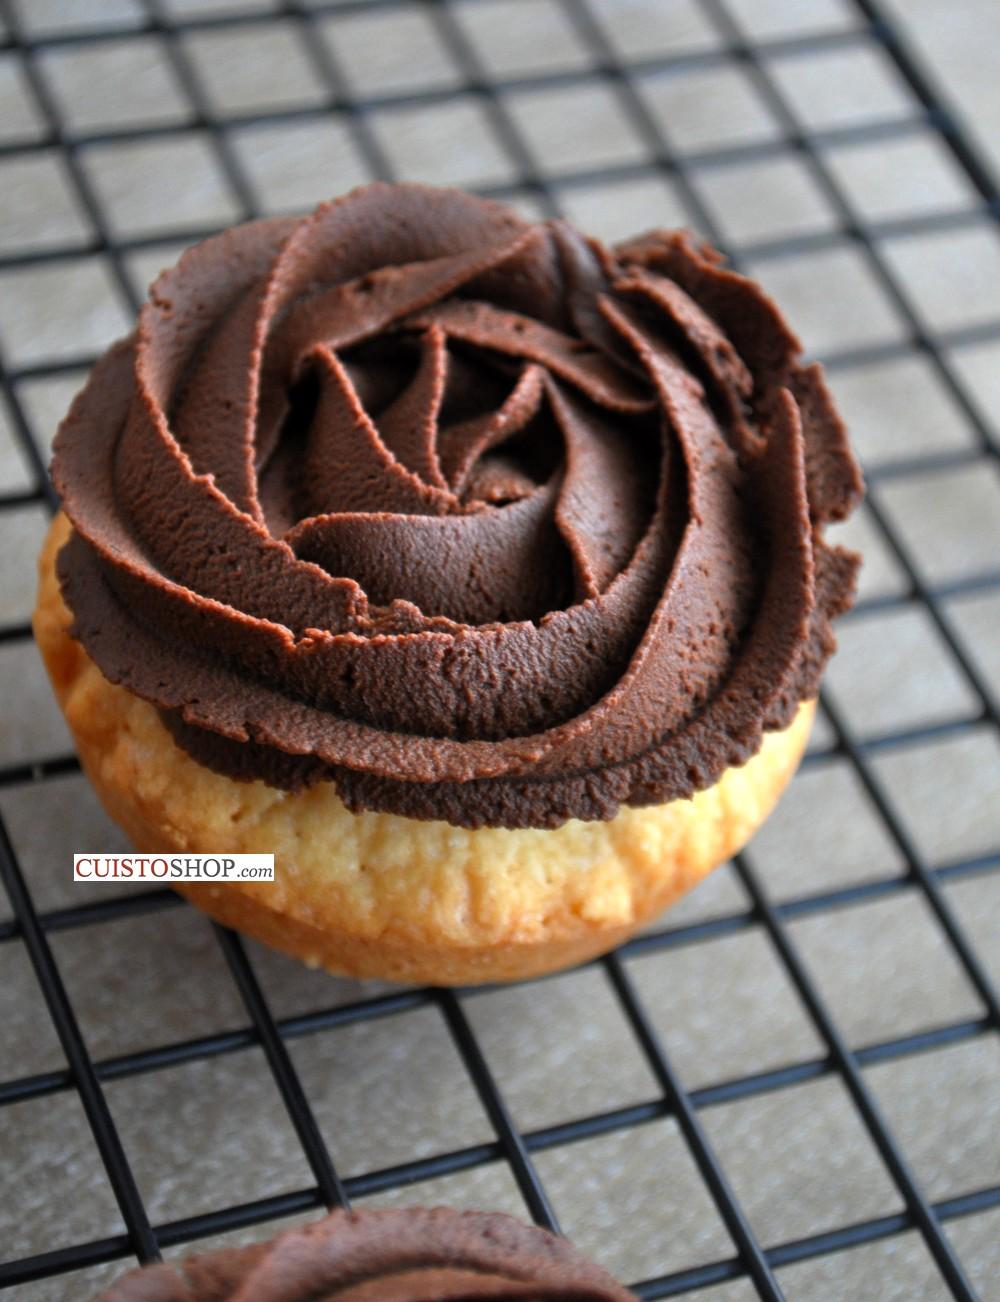 Comment faire une ganache mont e au chocolat - Comment decorer une tarte au chocolat ...